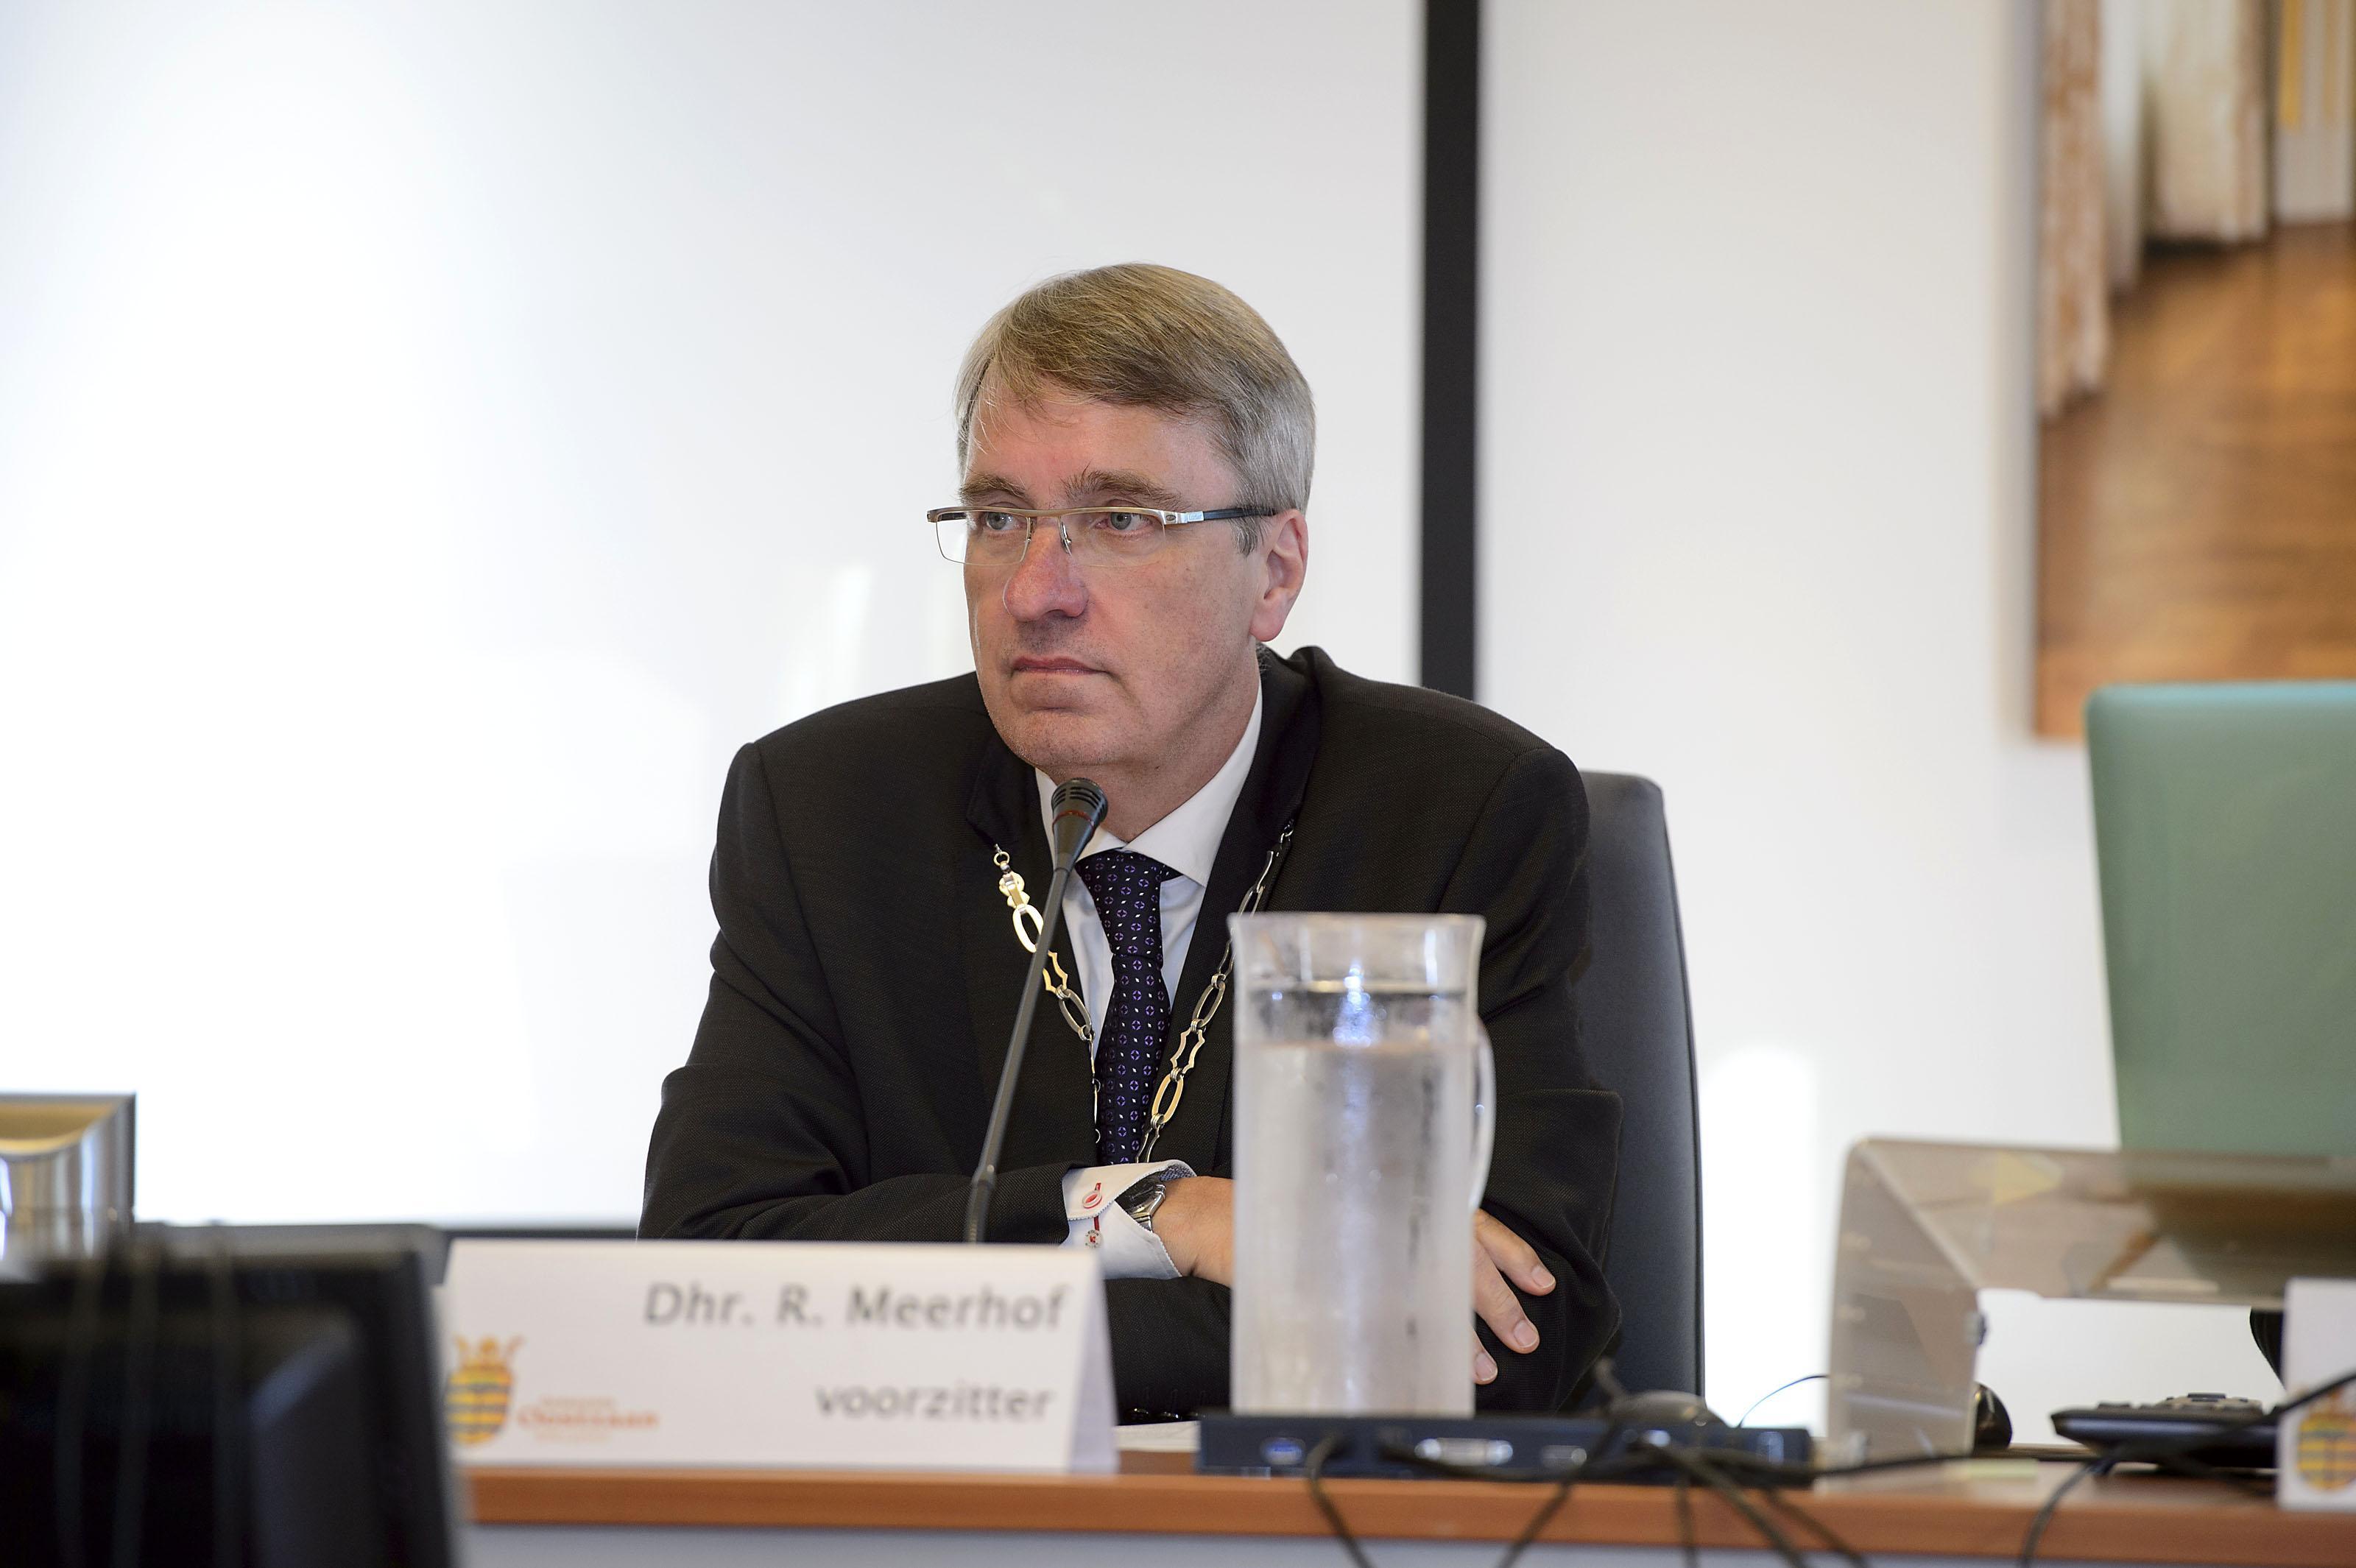 Burgemeester Rob Meerhof van Oostzaan besmet met coronavirus; hij is niet ziek maar werkt vanuit huis